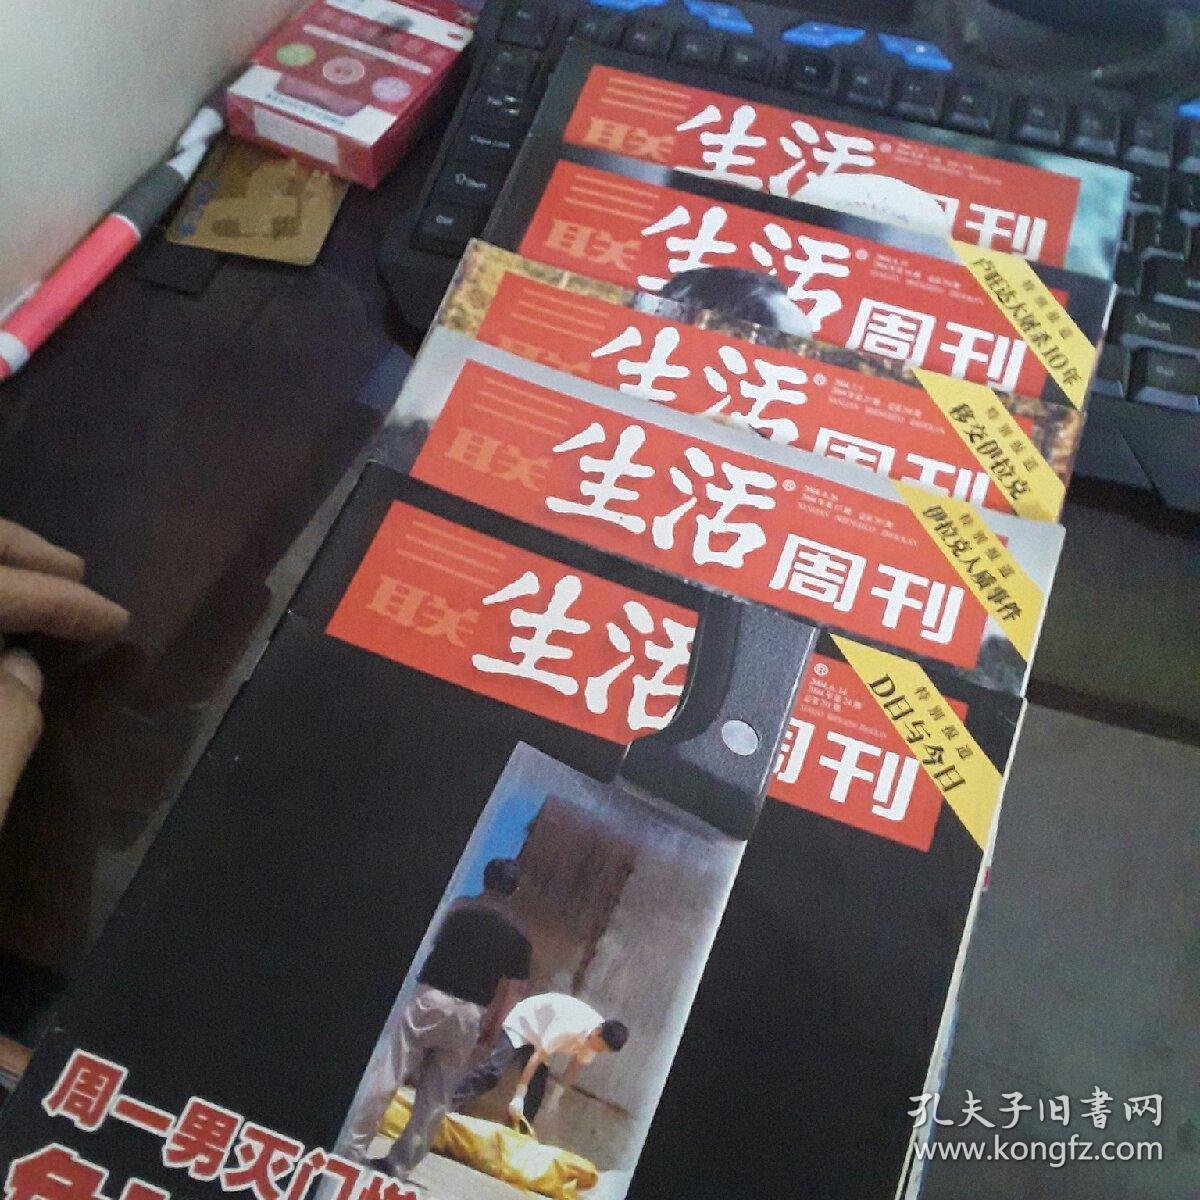 三联生活周刊,(2004.6.26 )(2004.6.14)(2004.7.5)(2004.4.19)(2004.3.15)总第279/284/285/291/294期(5本合售)